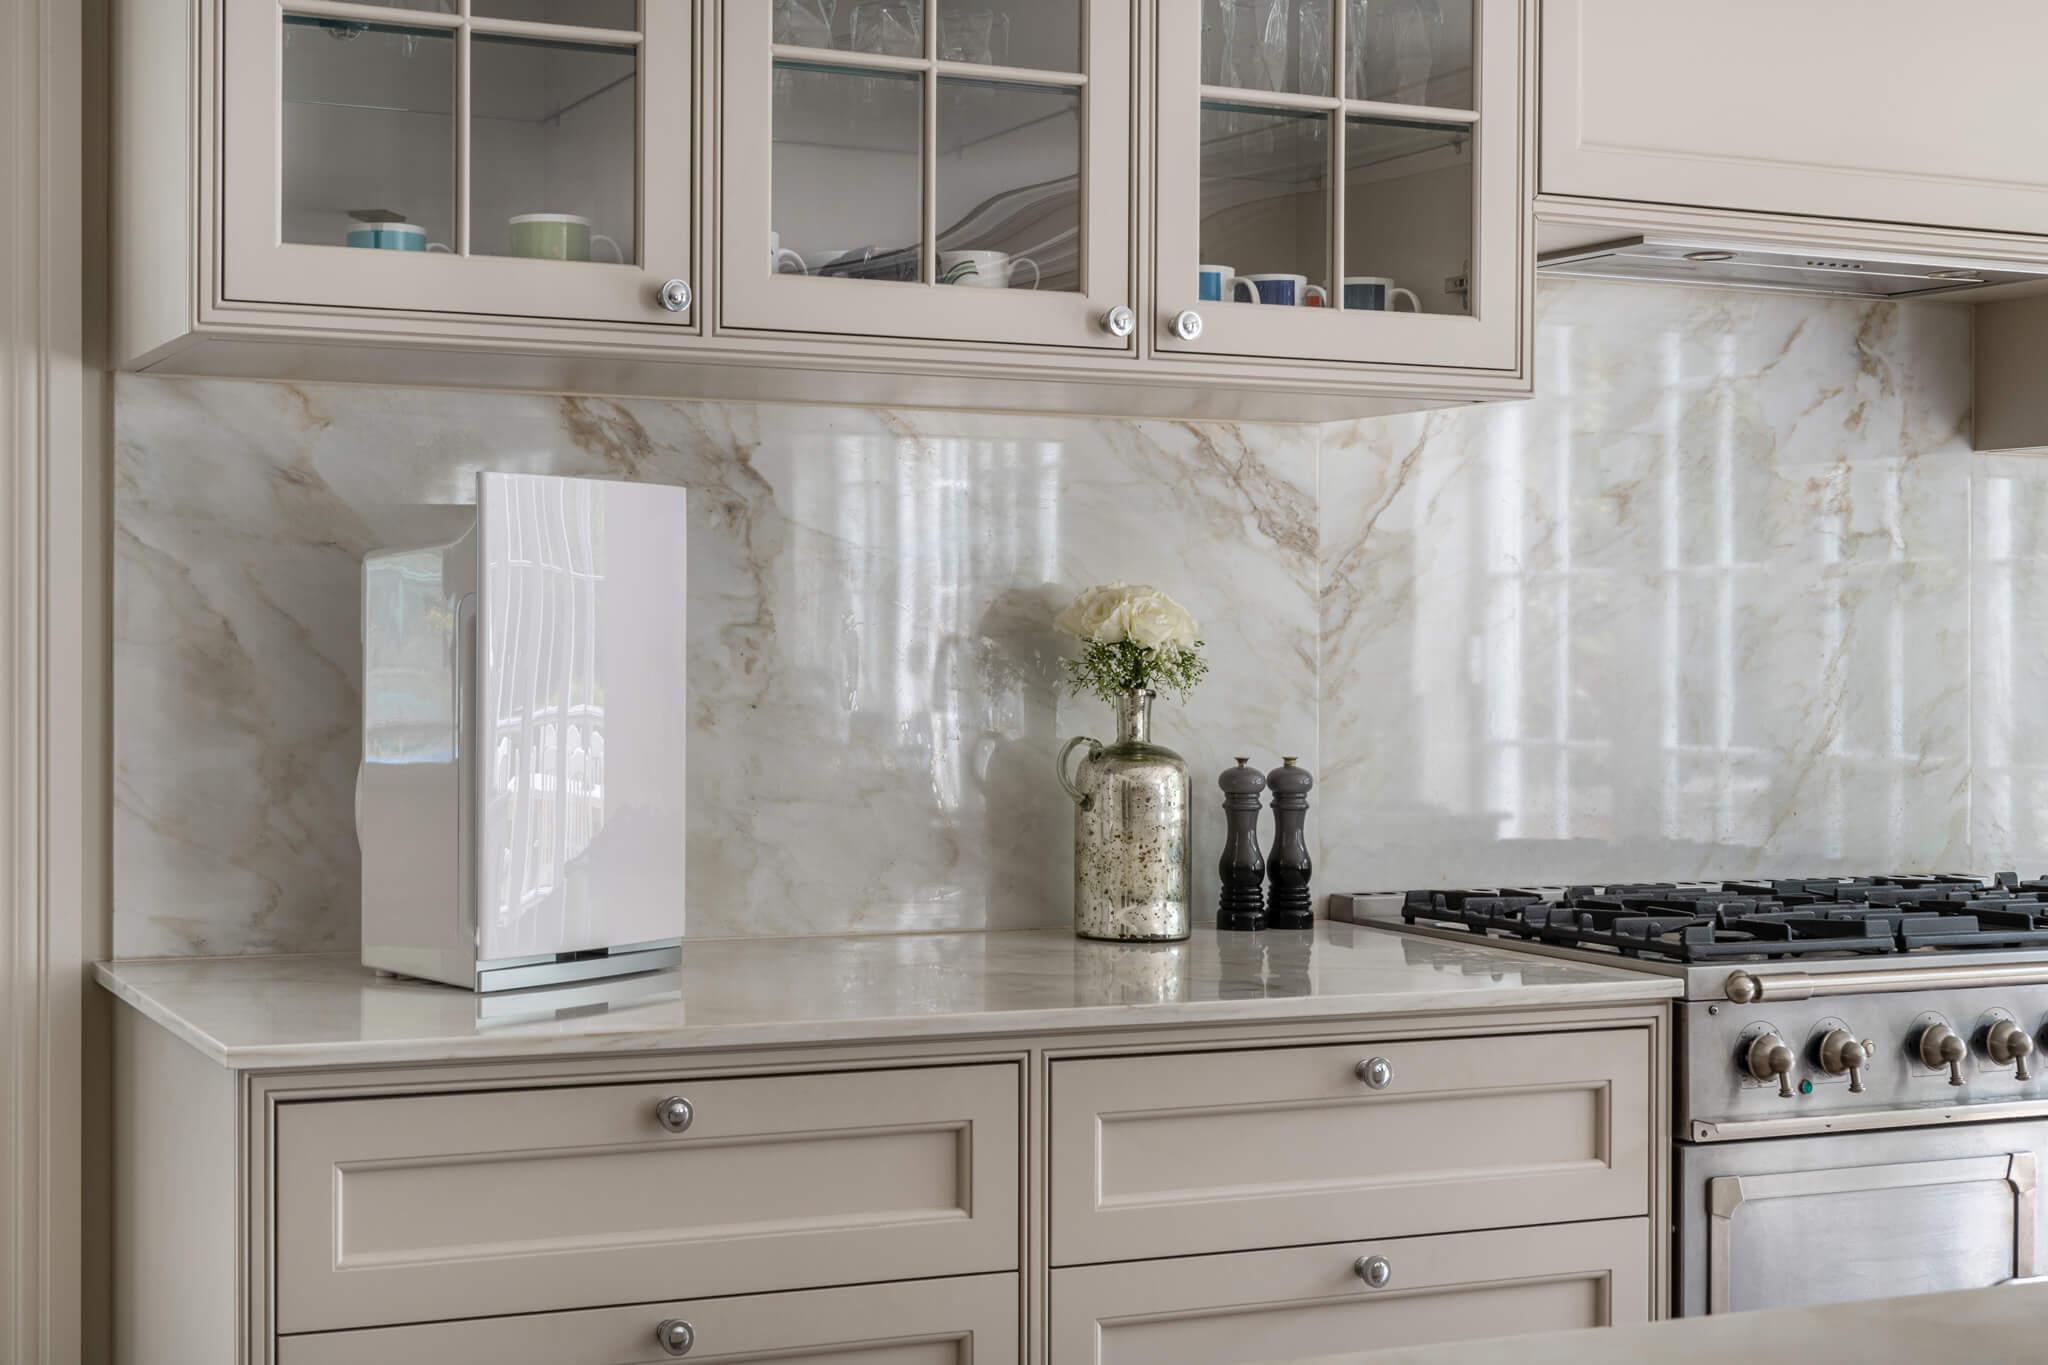 kitchen hepa filter air purifier